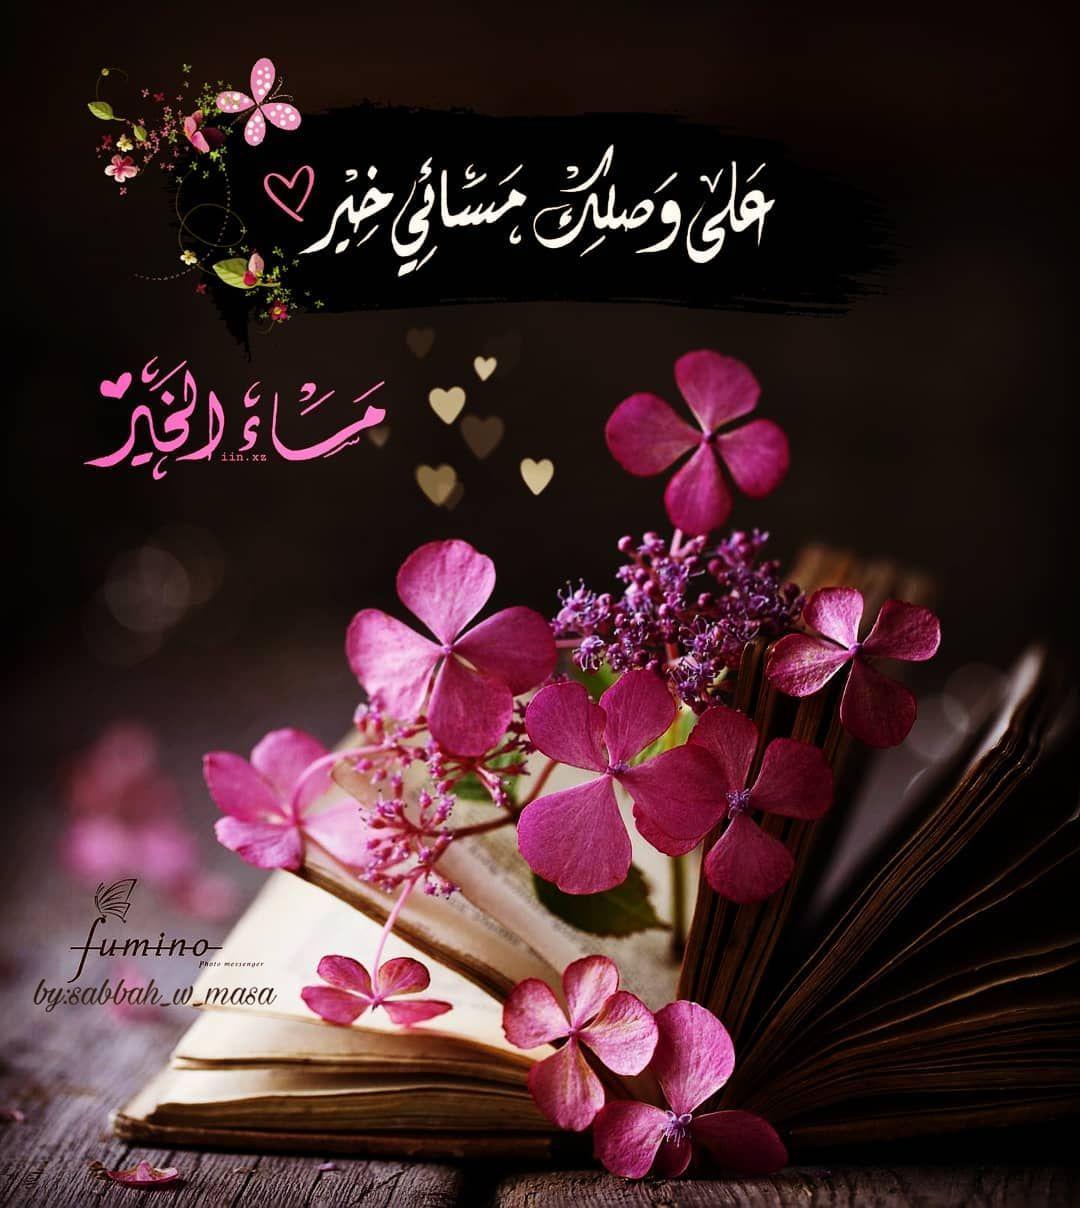 صبح و مساء On Instagram مساء الخير مساء الورد تصميم تصاميم السعودية صبح Morning Love Quotes Morning Love Good Evening